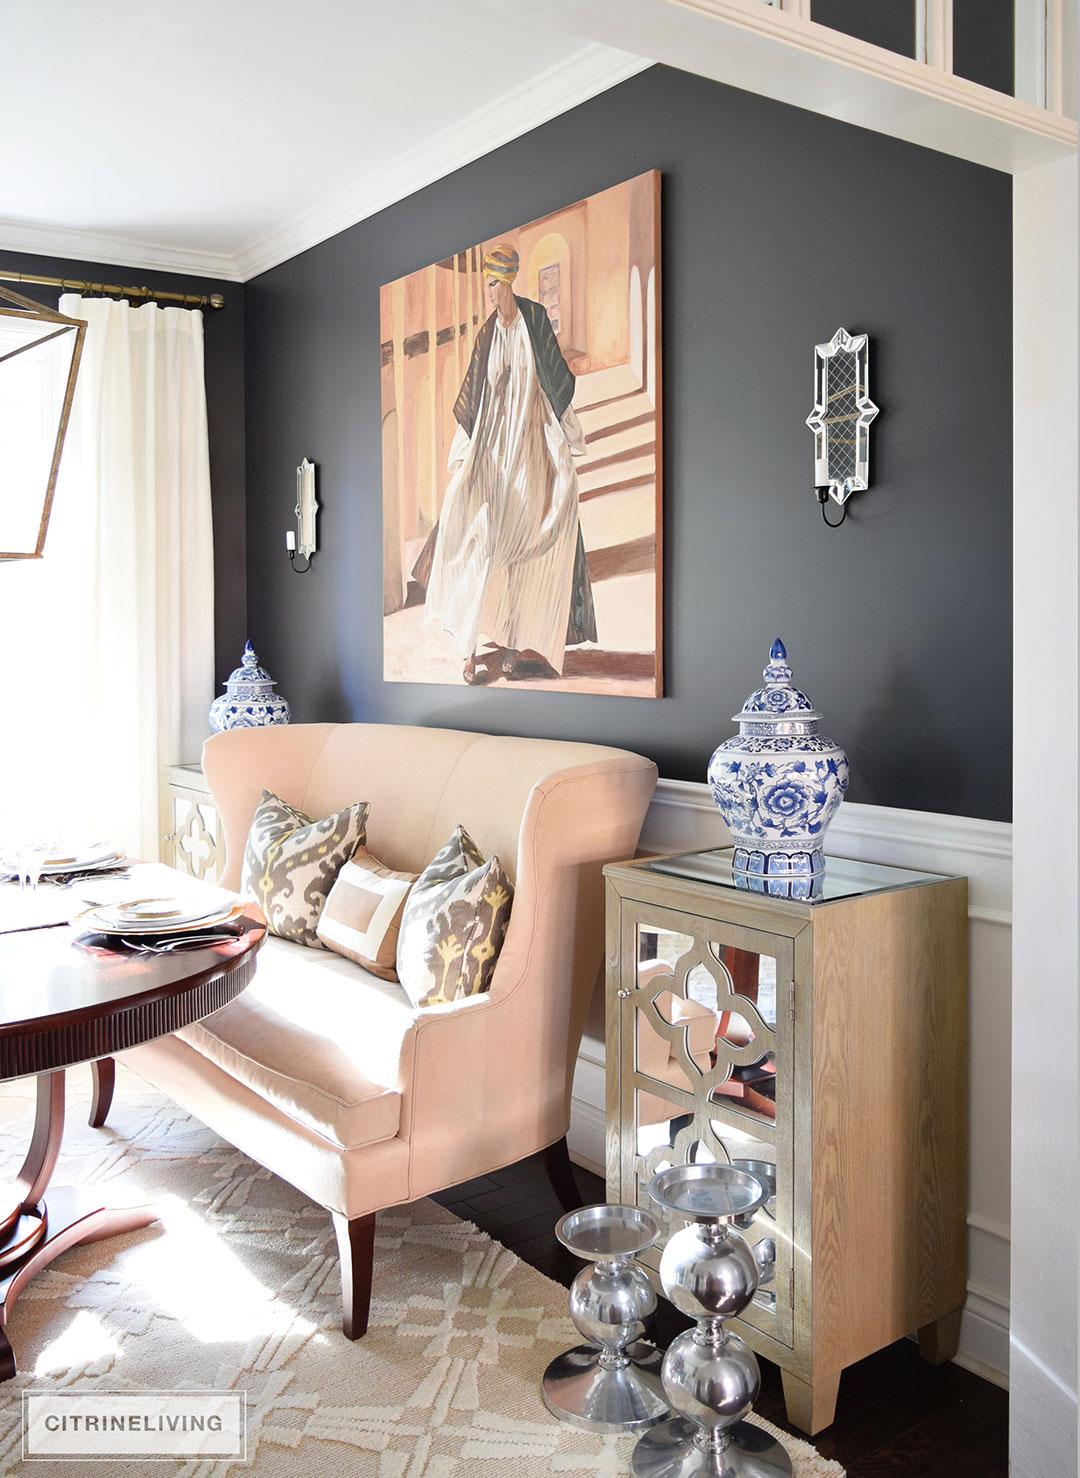 black-walls-settee-ginger-jars-sconces